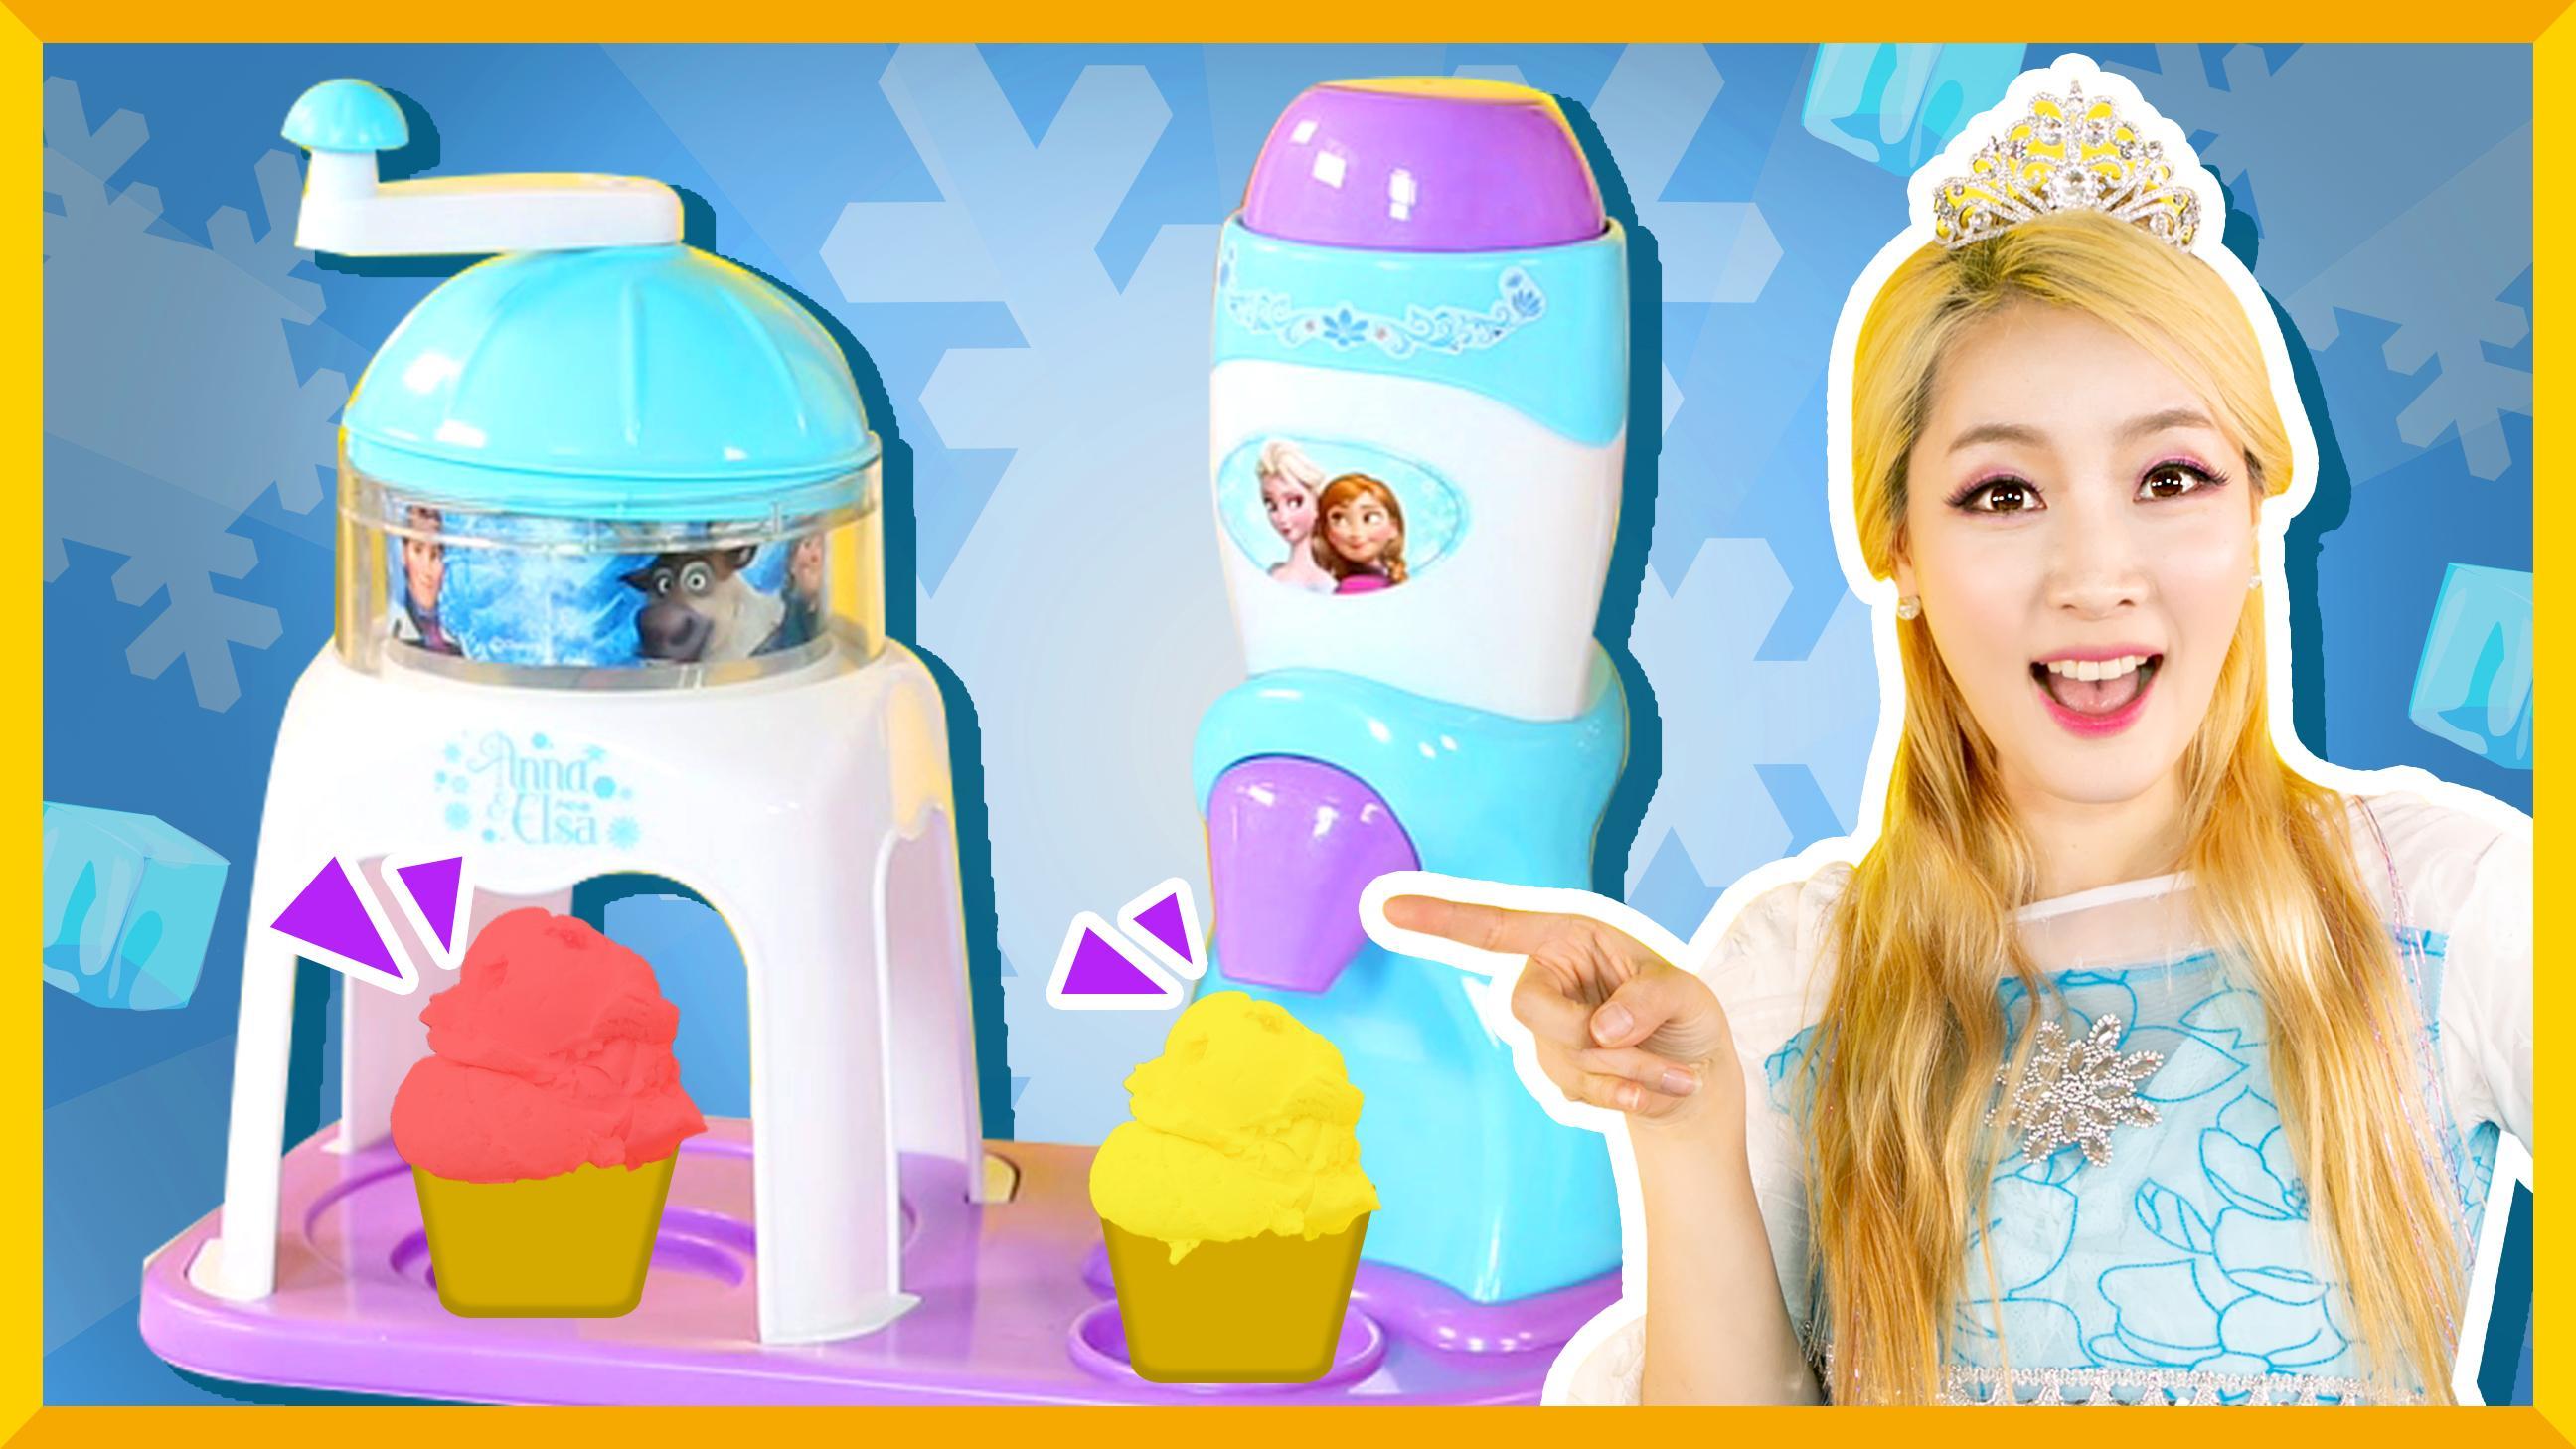 来自冰雪王国的水果软糖冰淇淋礼物 | 爱丽和故事 EllieAndStory